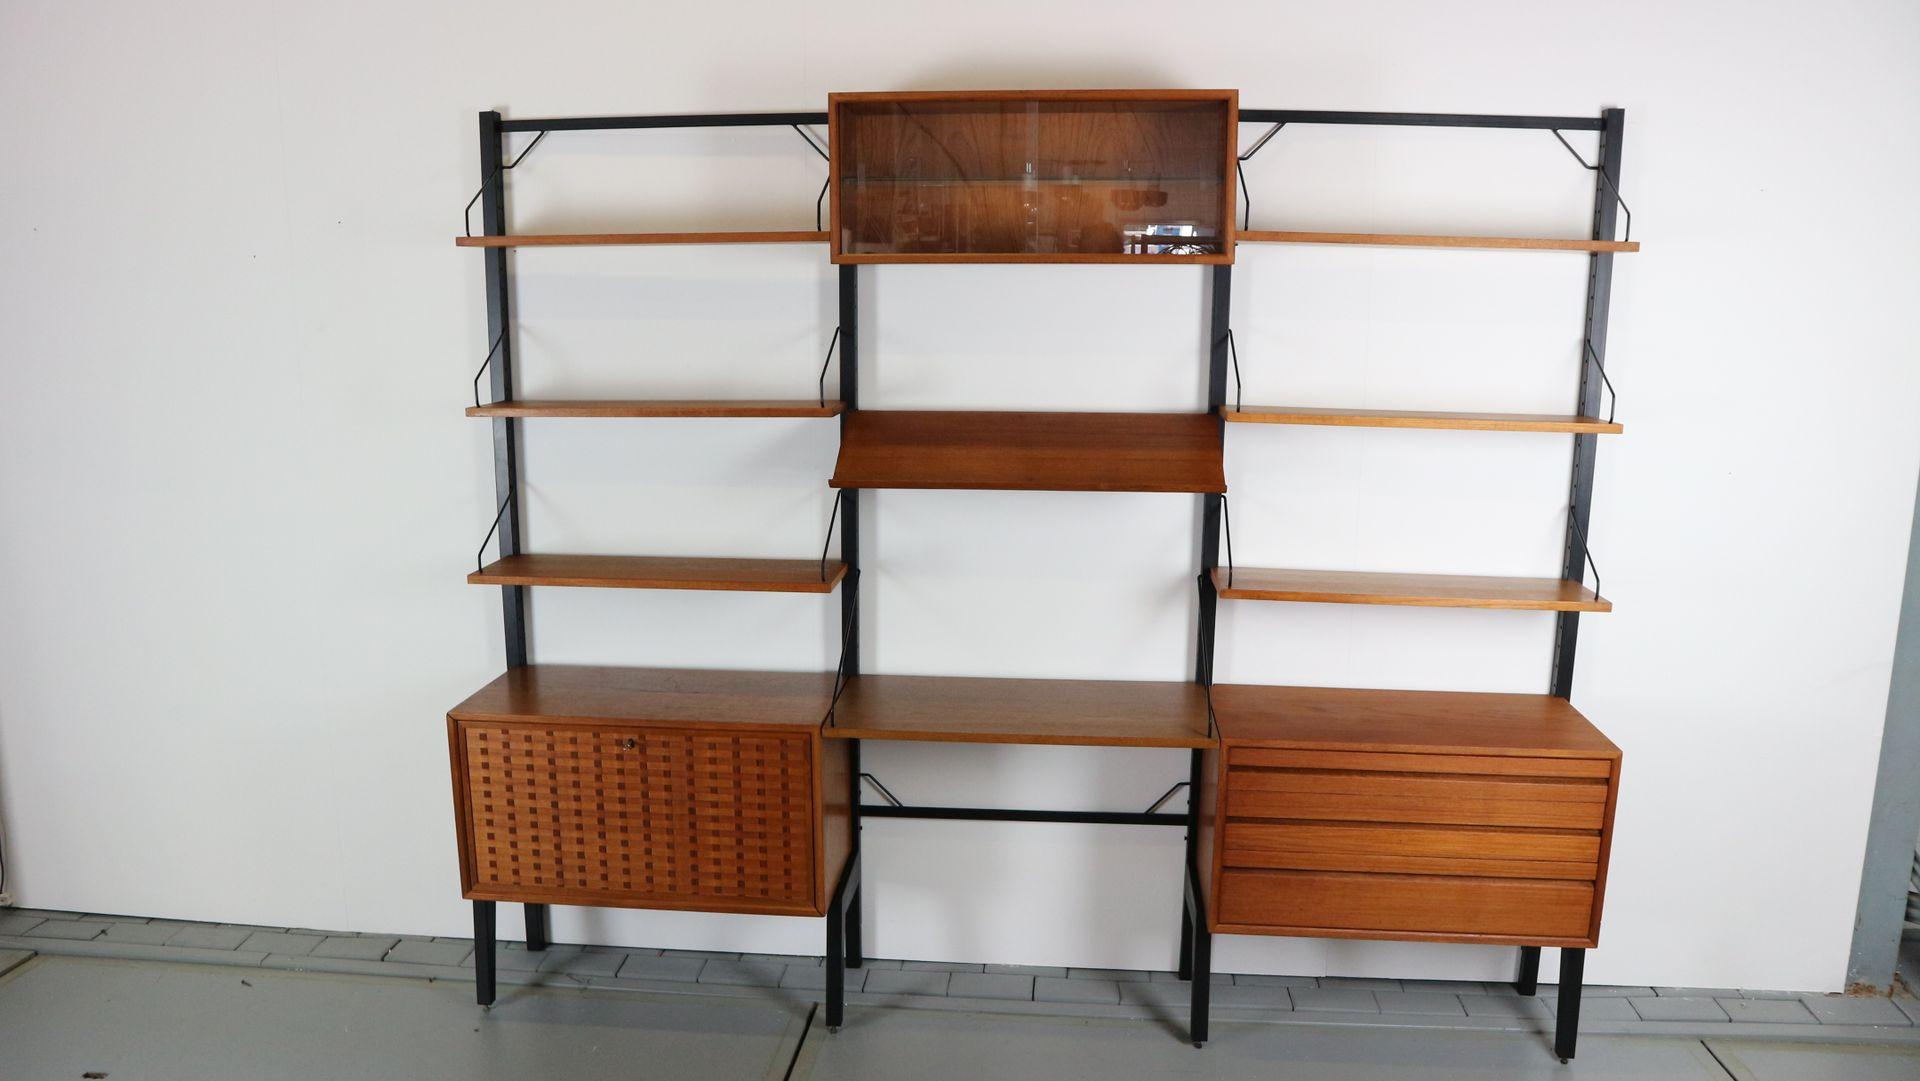 modulares freistehendes vintage royal system wandregal von poul